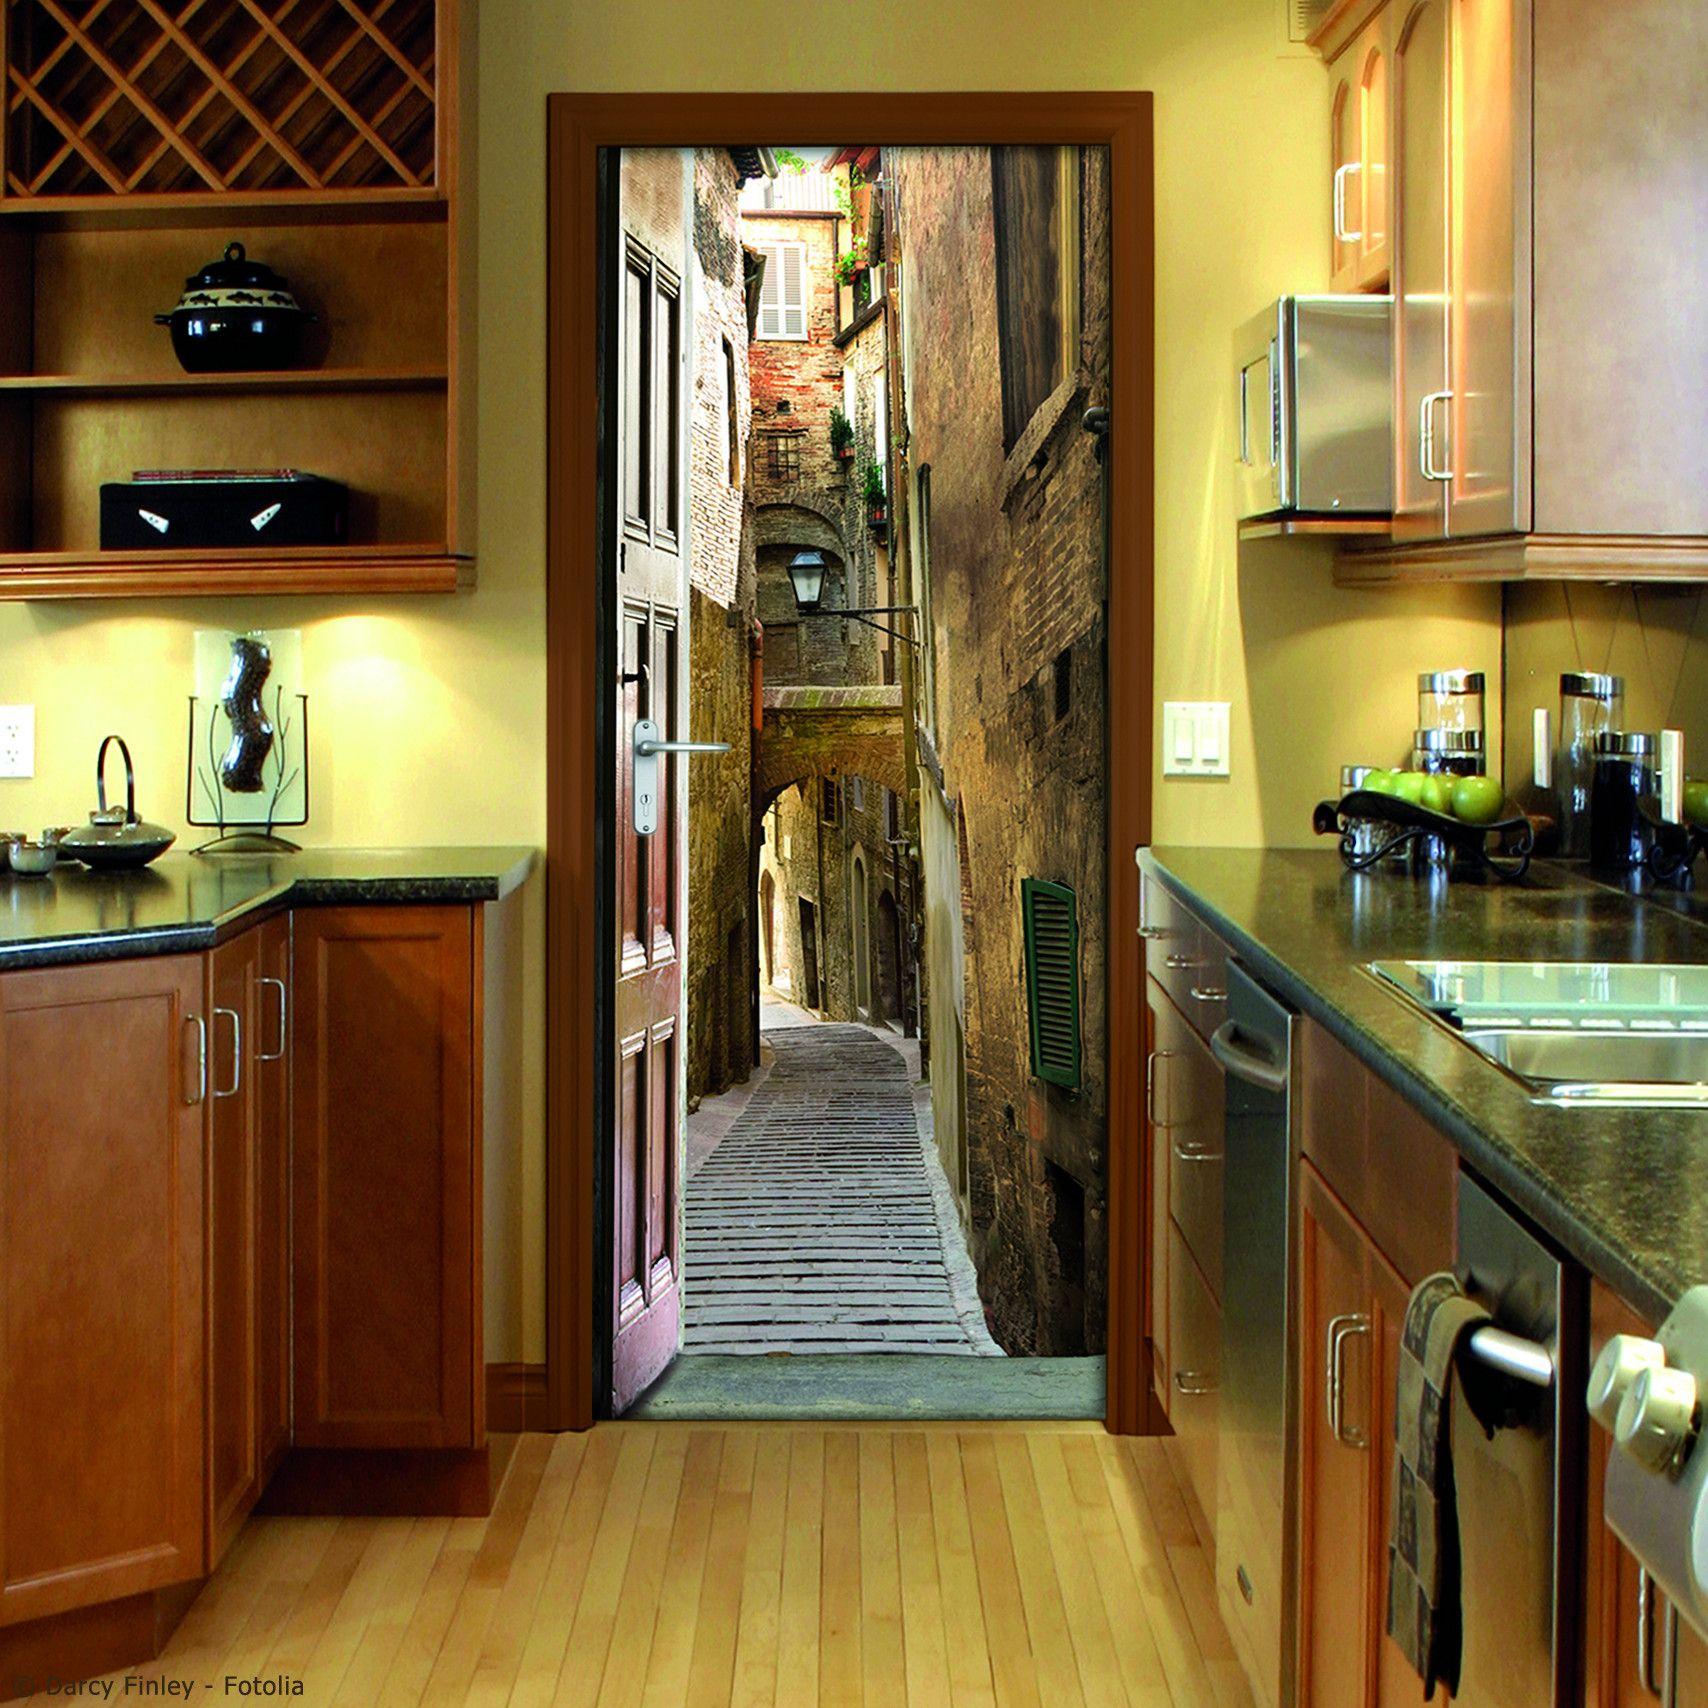 Vinilos Para Muebles Leroy Merlin Adorable Decoracion Low Cost Vinilos Para Puertas Of 46 Mejor Vinilos Para M Door Stickers Door Murals Interior Wall Sconces